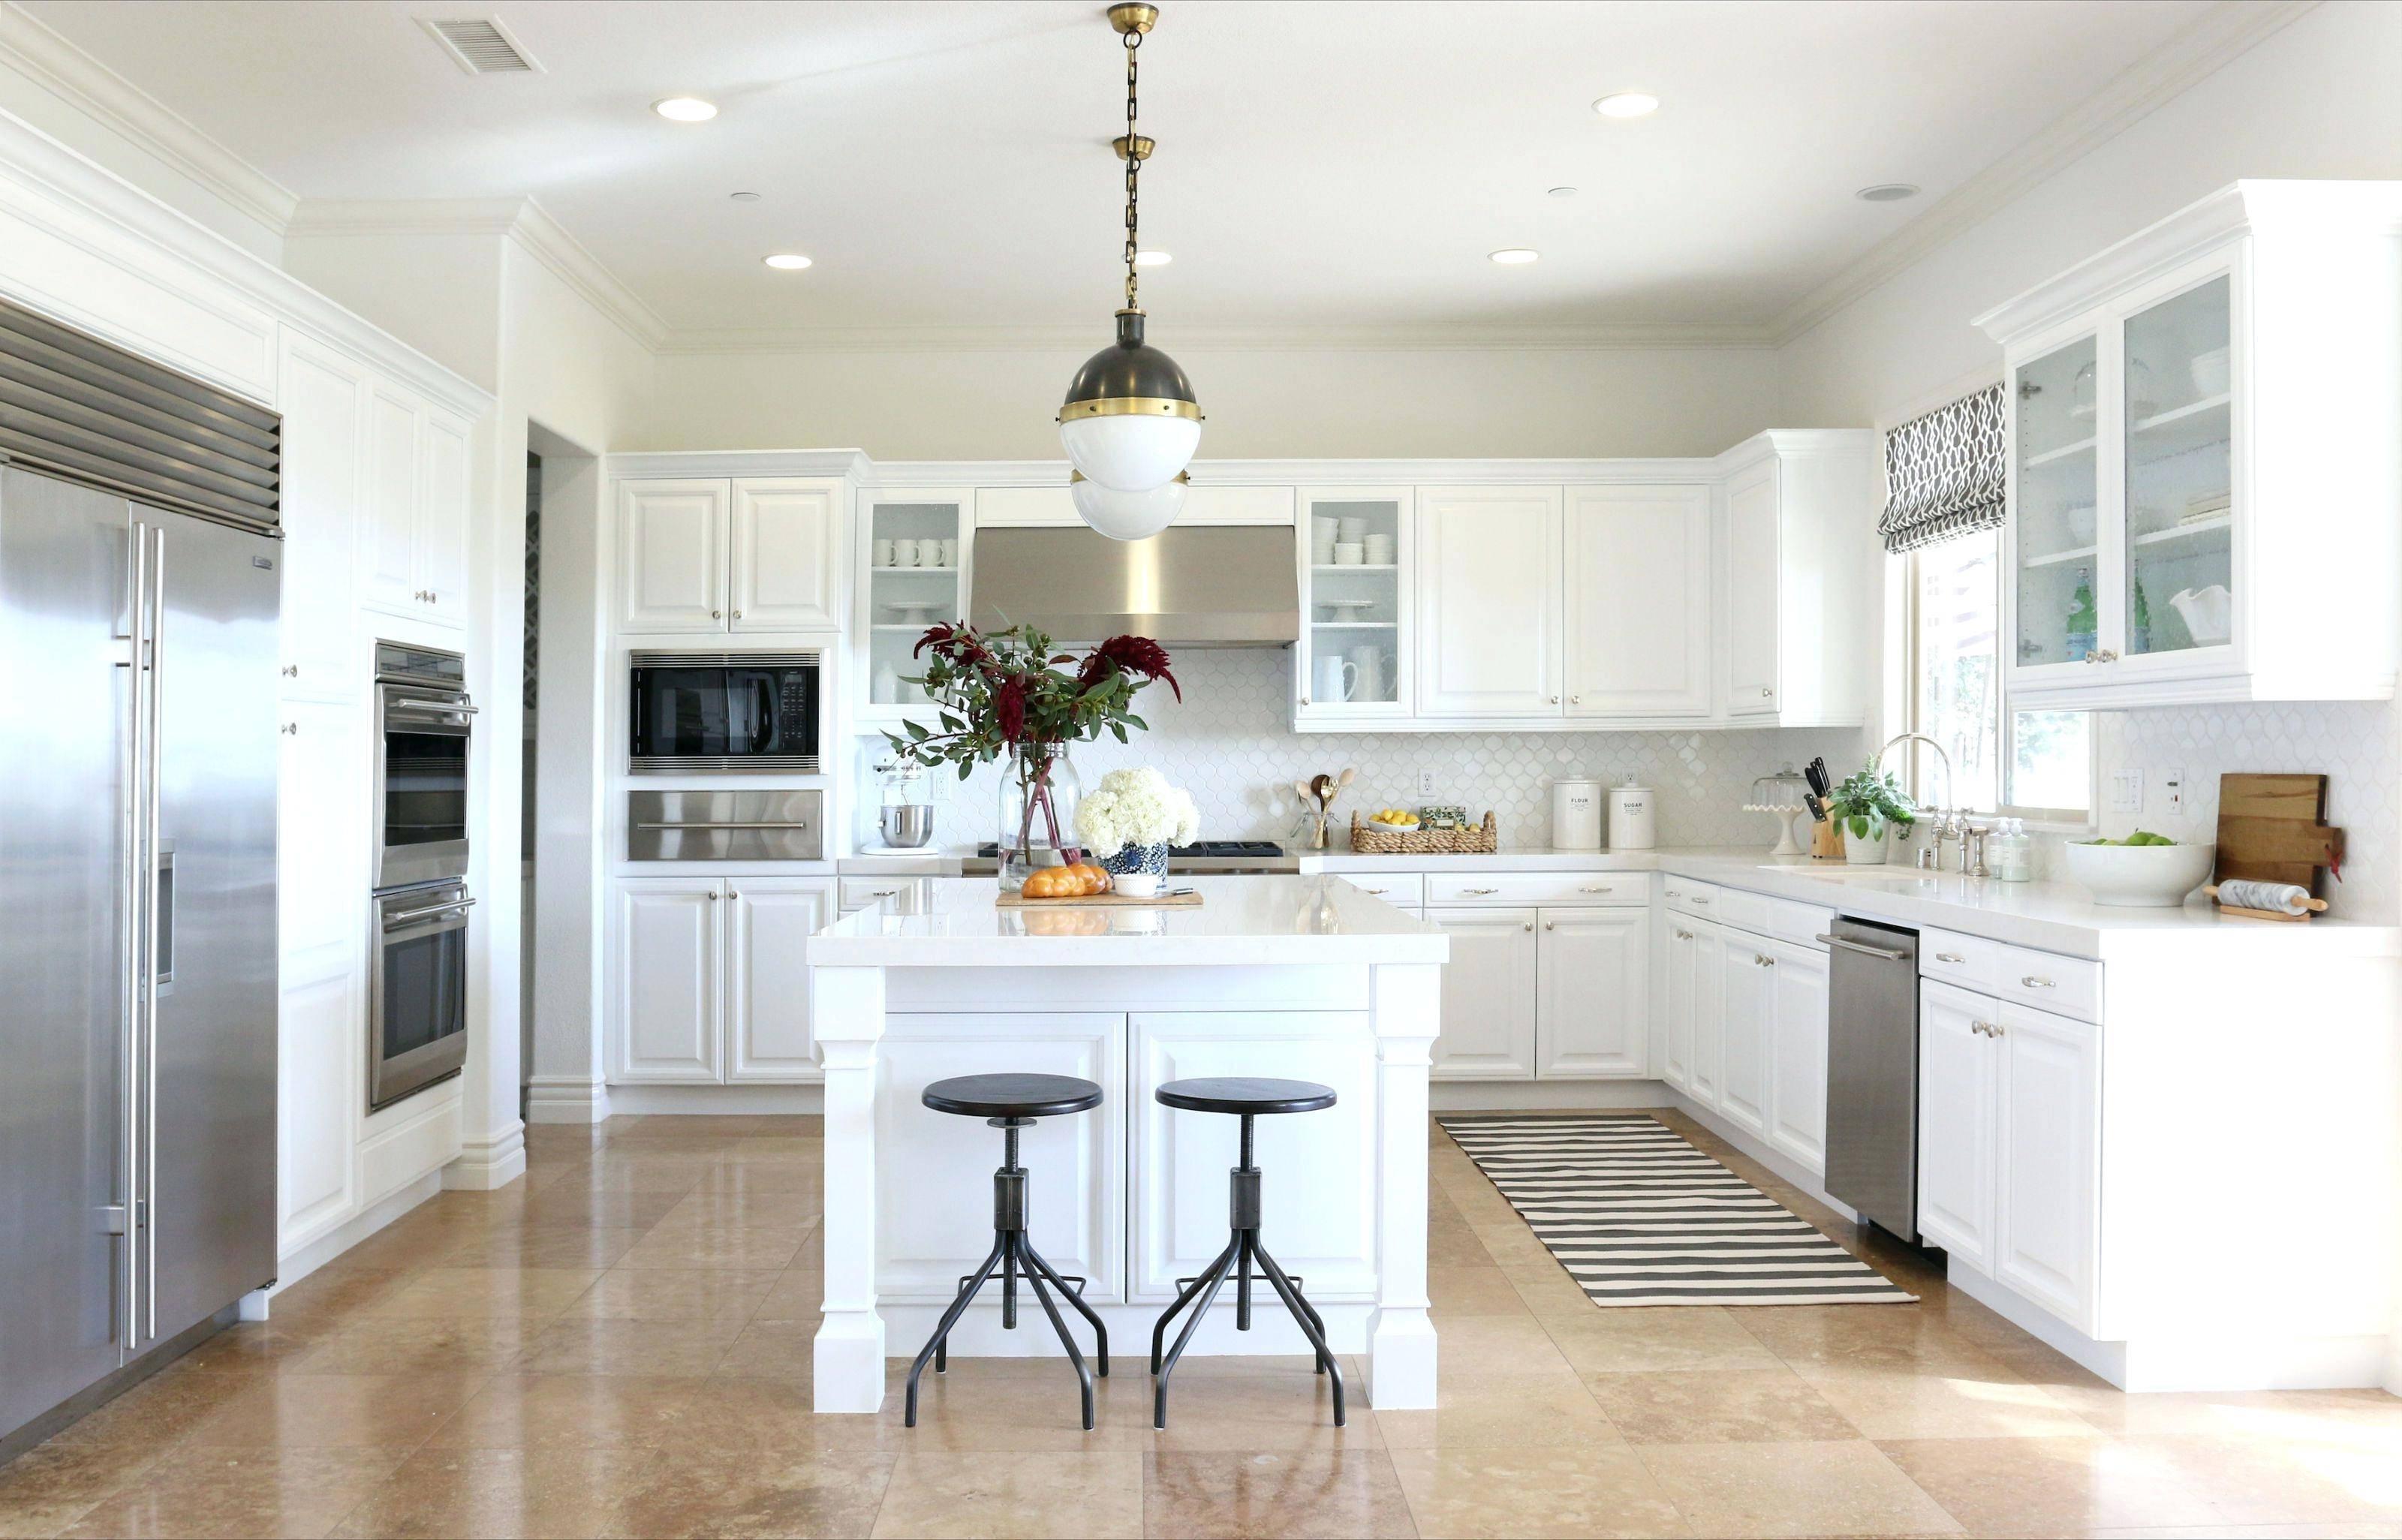 white cabinets kitchen white kitchen cabinets white cabinets small kitchen ideas ineffable whereveralso white kitchen ideas